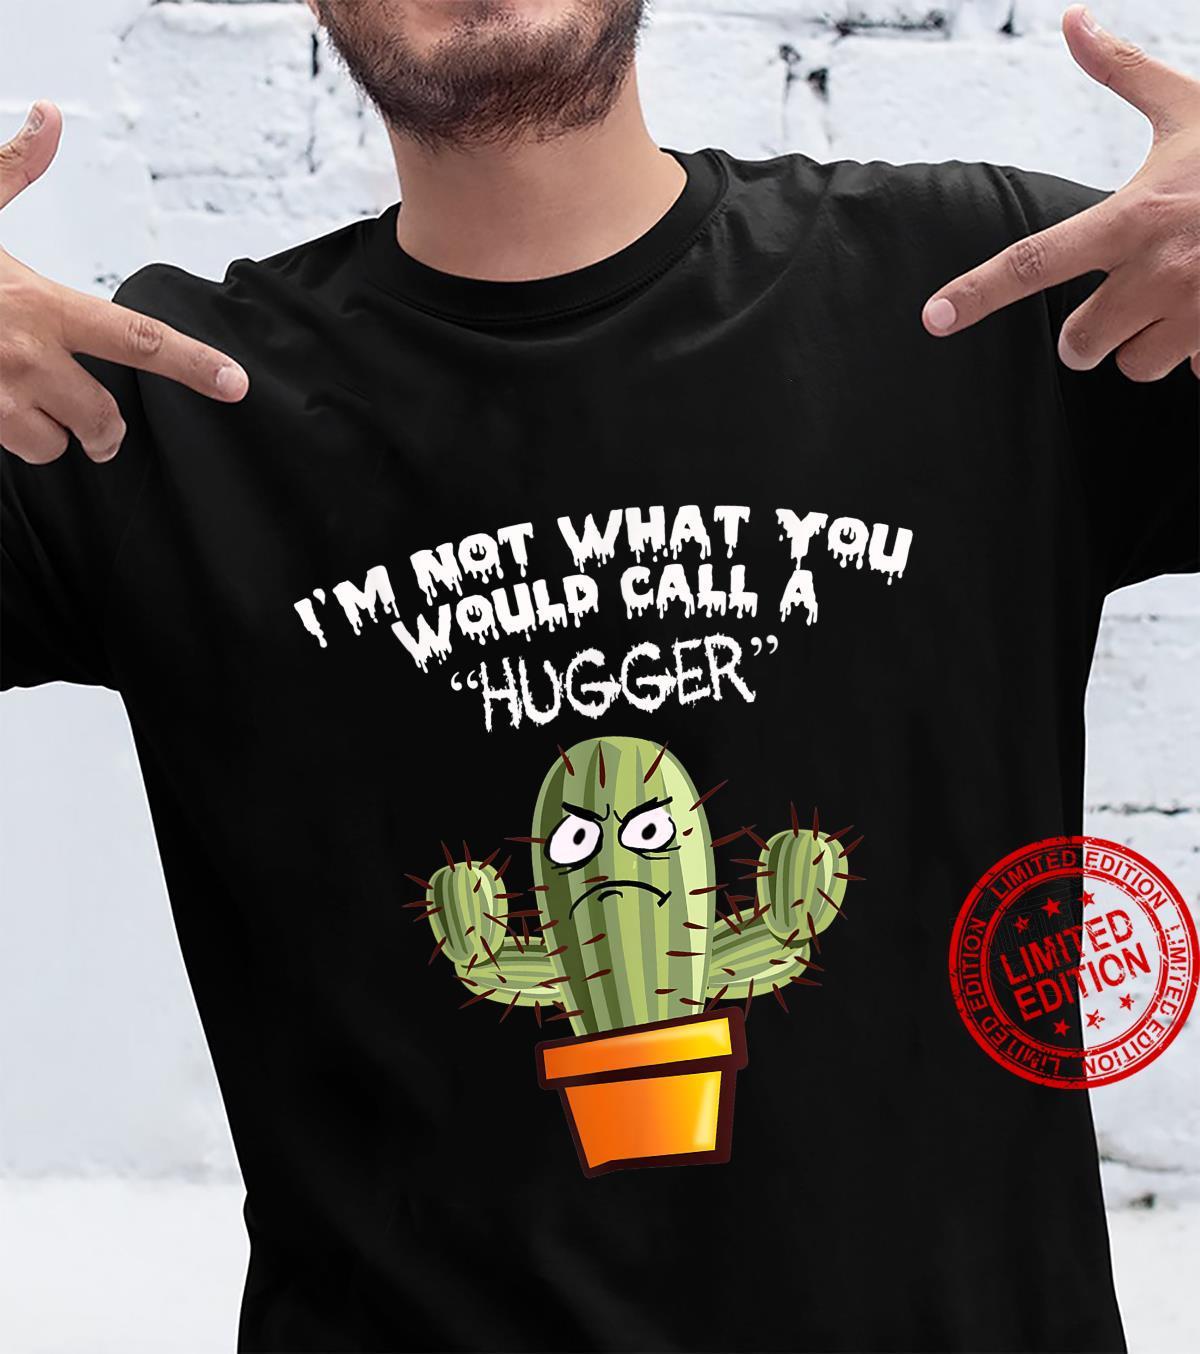 I'm Not a Hugger T apparel Shirt